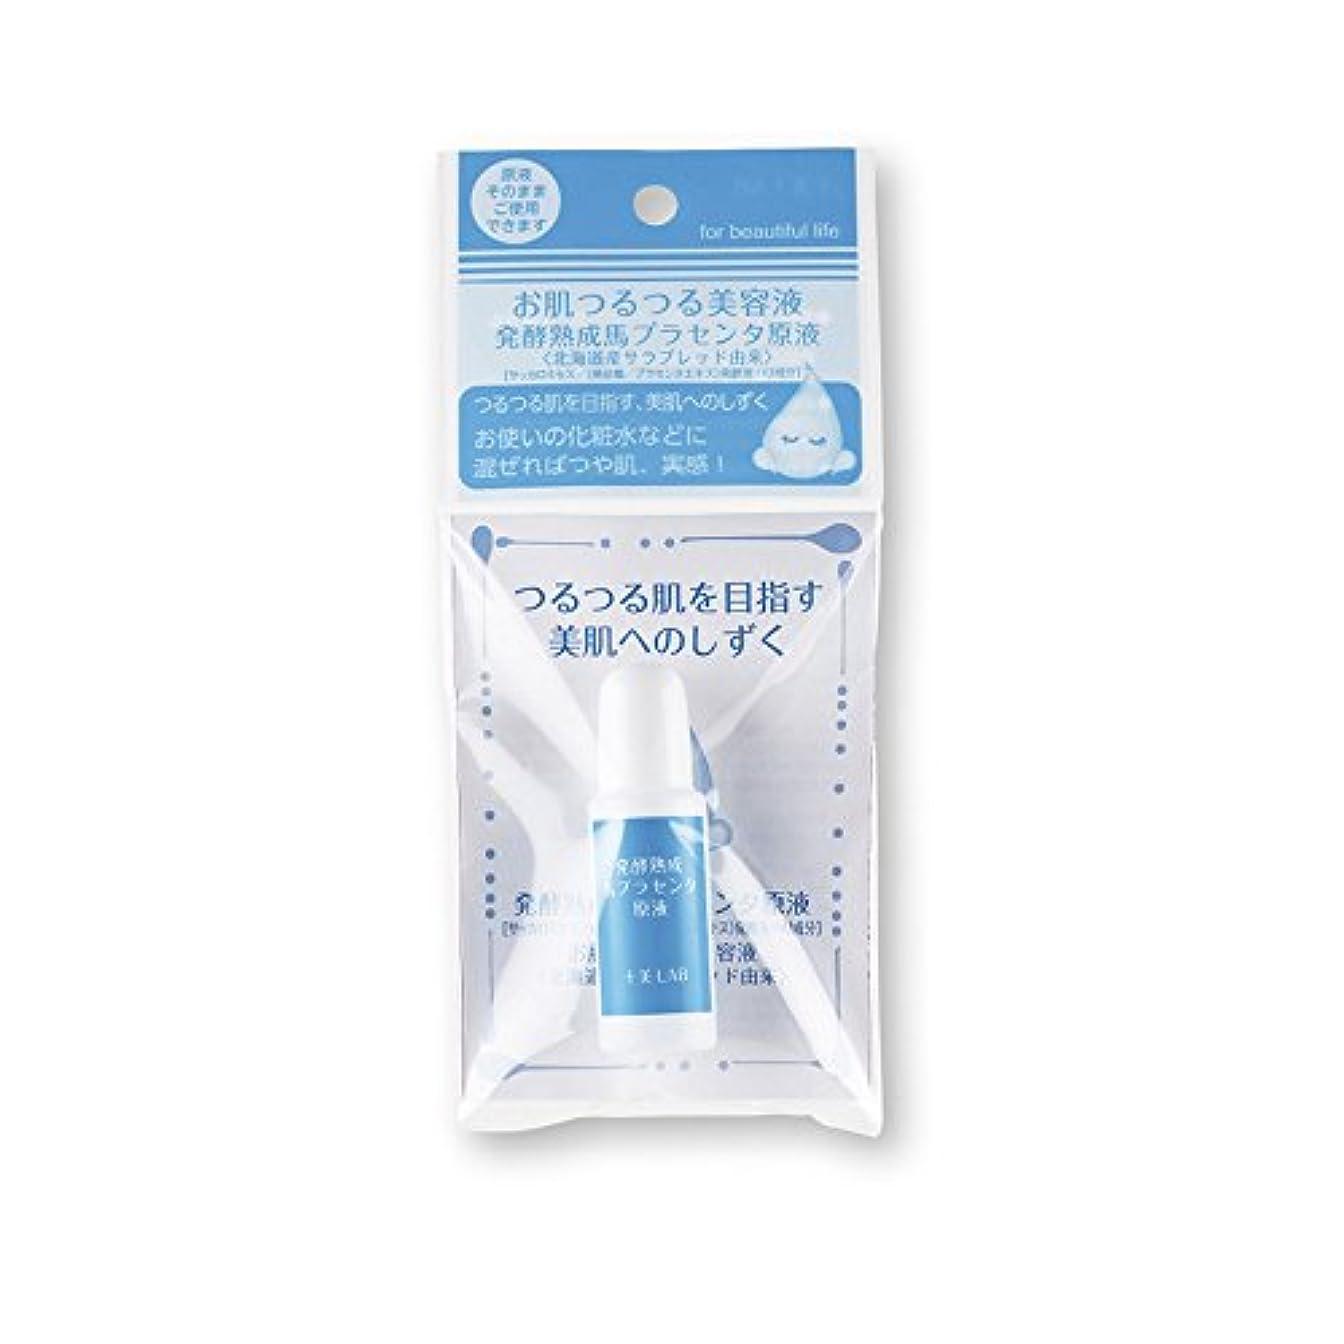 すぐに鑑定スパン十美LAB 美肌へのしずく お肌つるつる美容液 〈発酵熟成馬プラセンタ原液〉 (14mL)